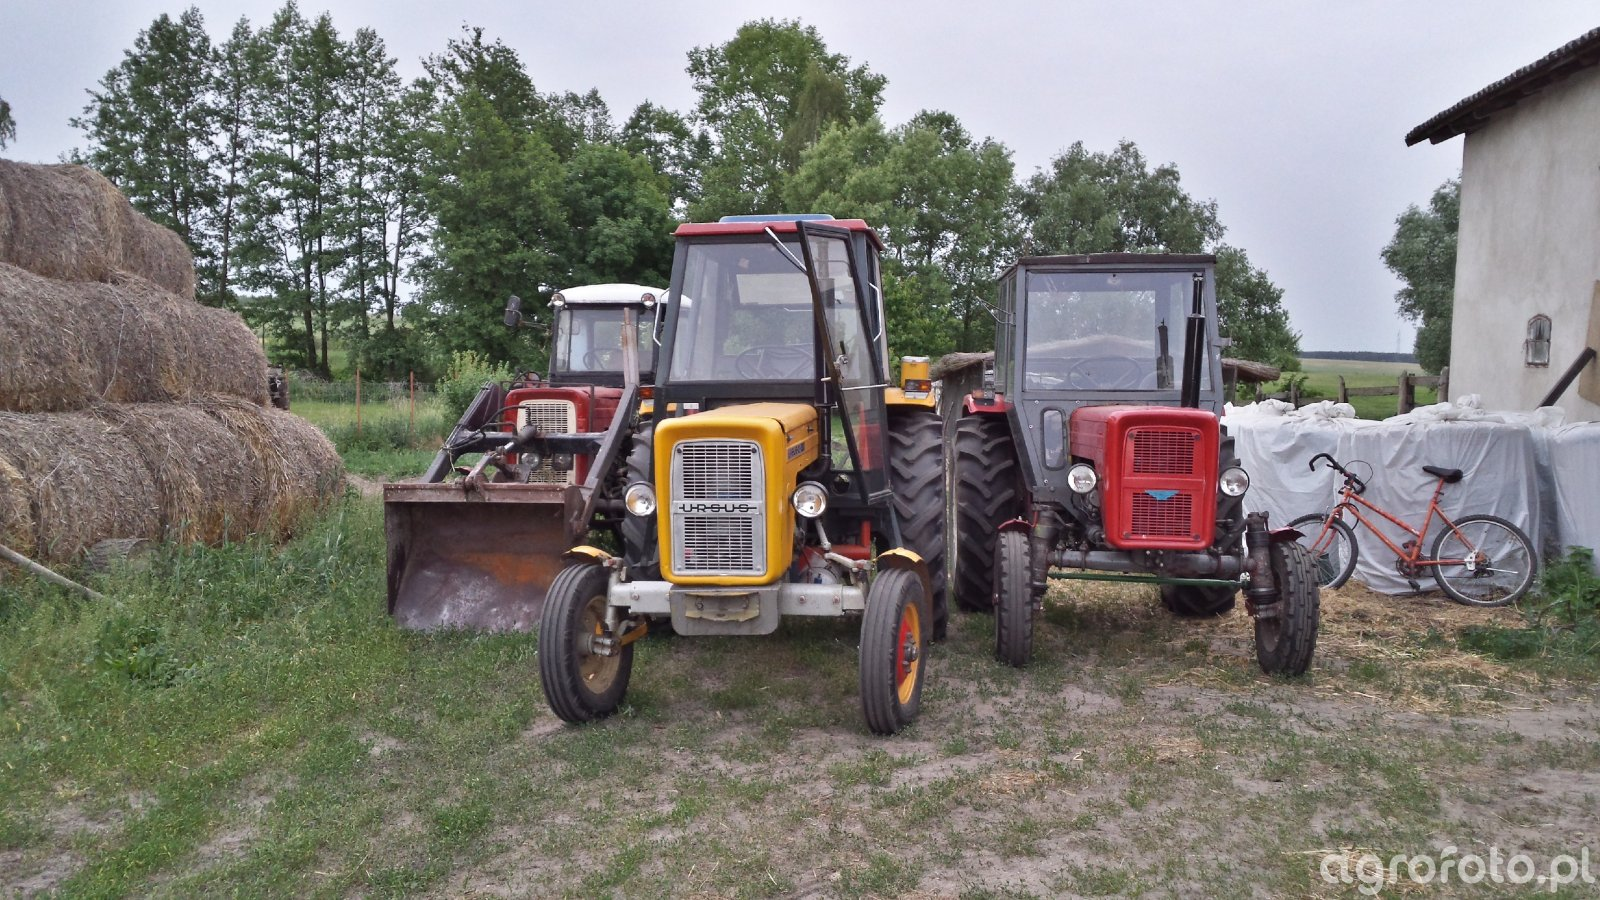 Ursusy C-355, C-360 i C-4011